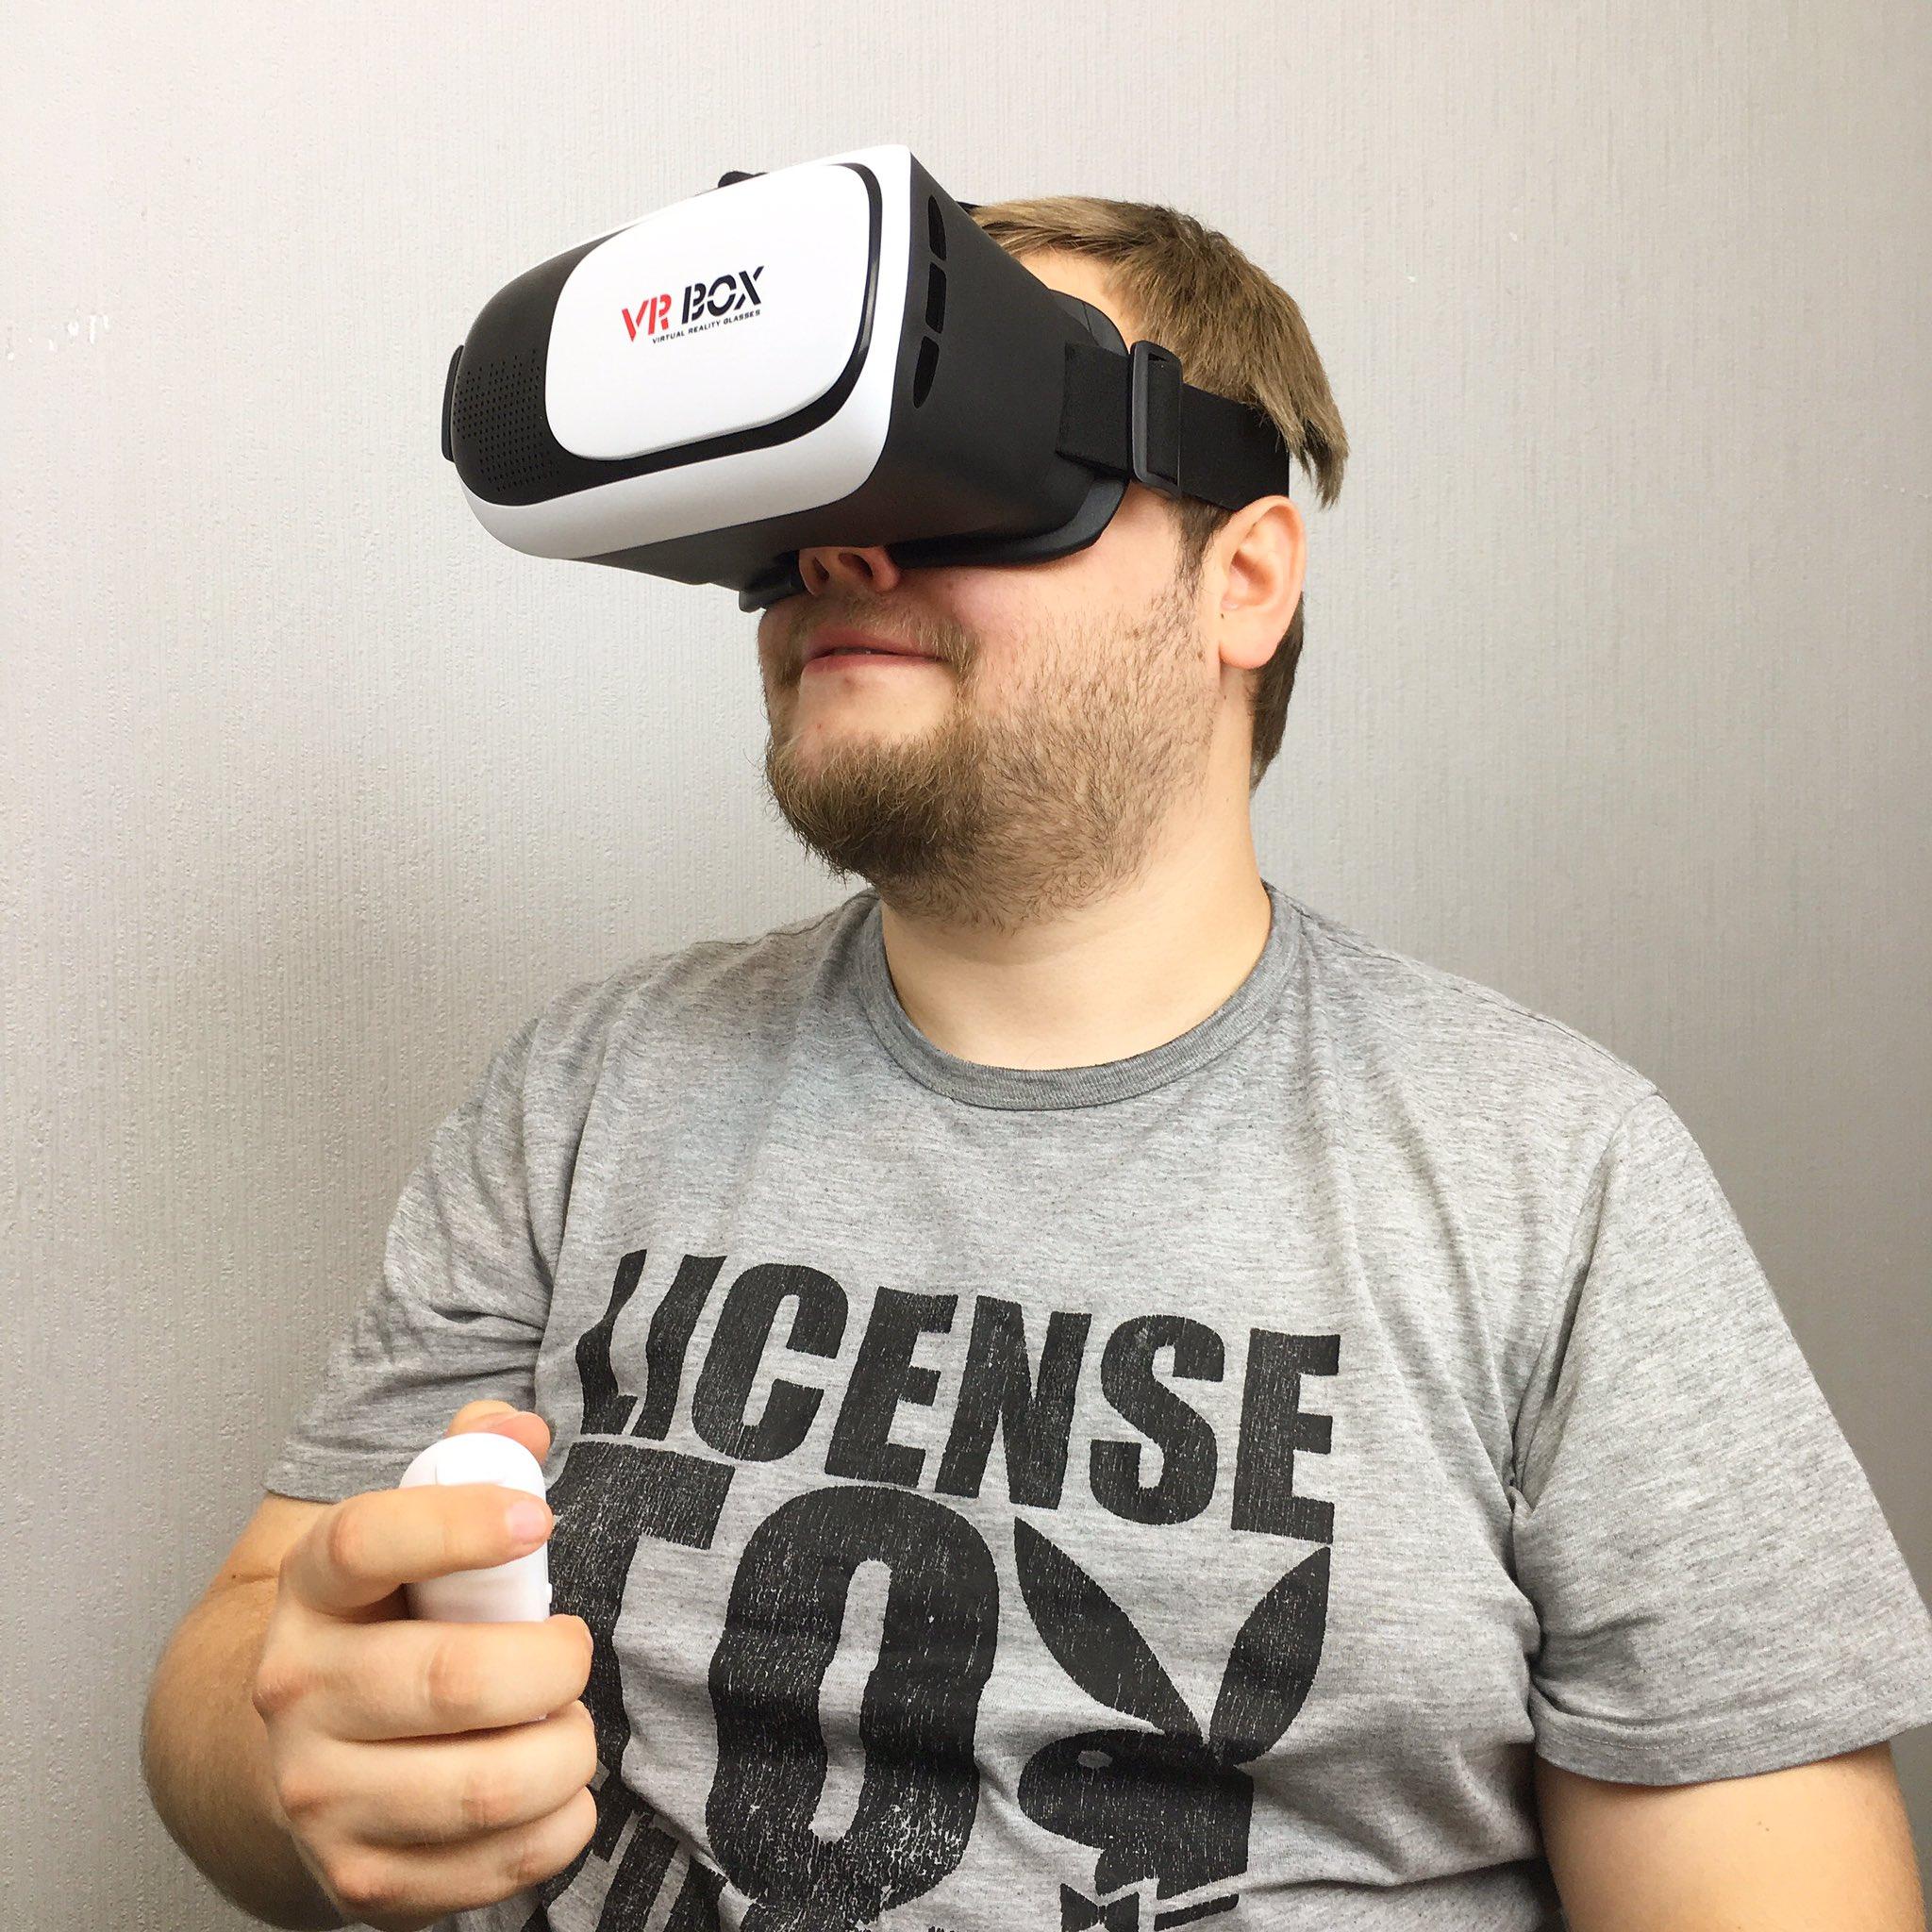 смотреть картинки с очками виртуальной реальности жил